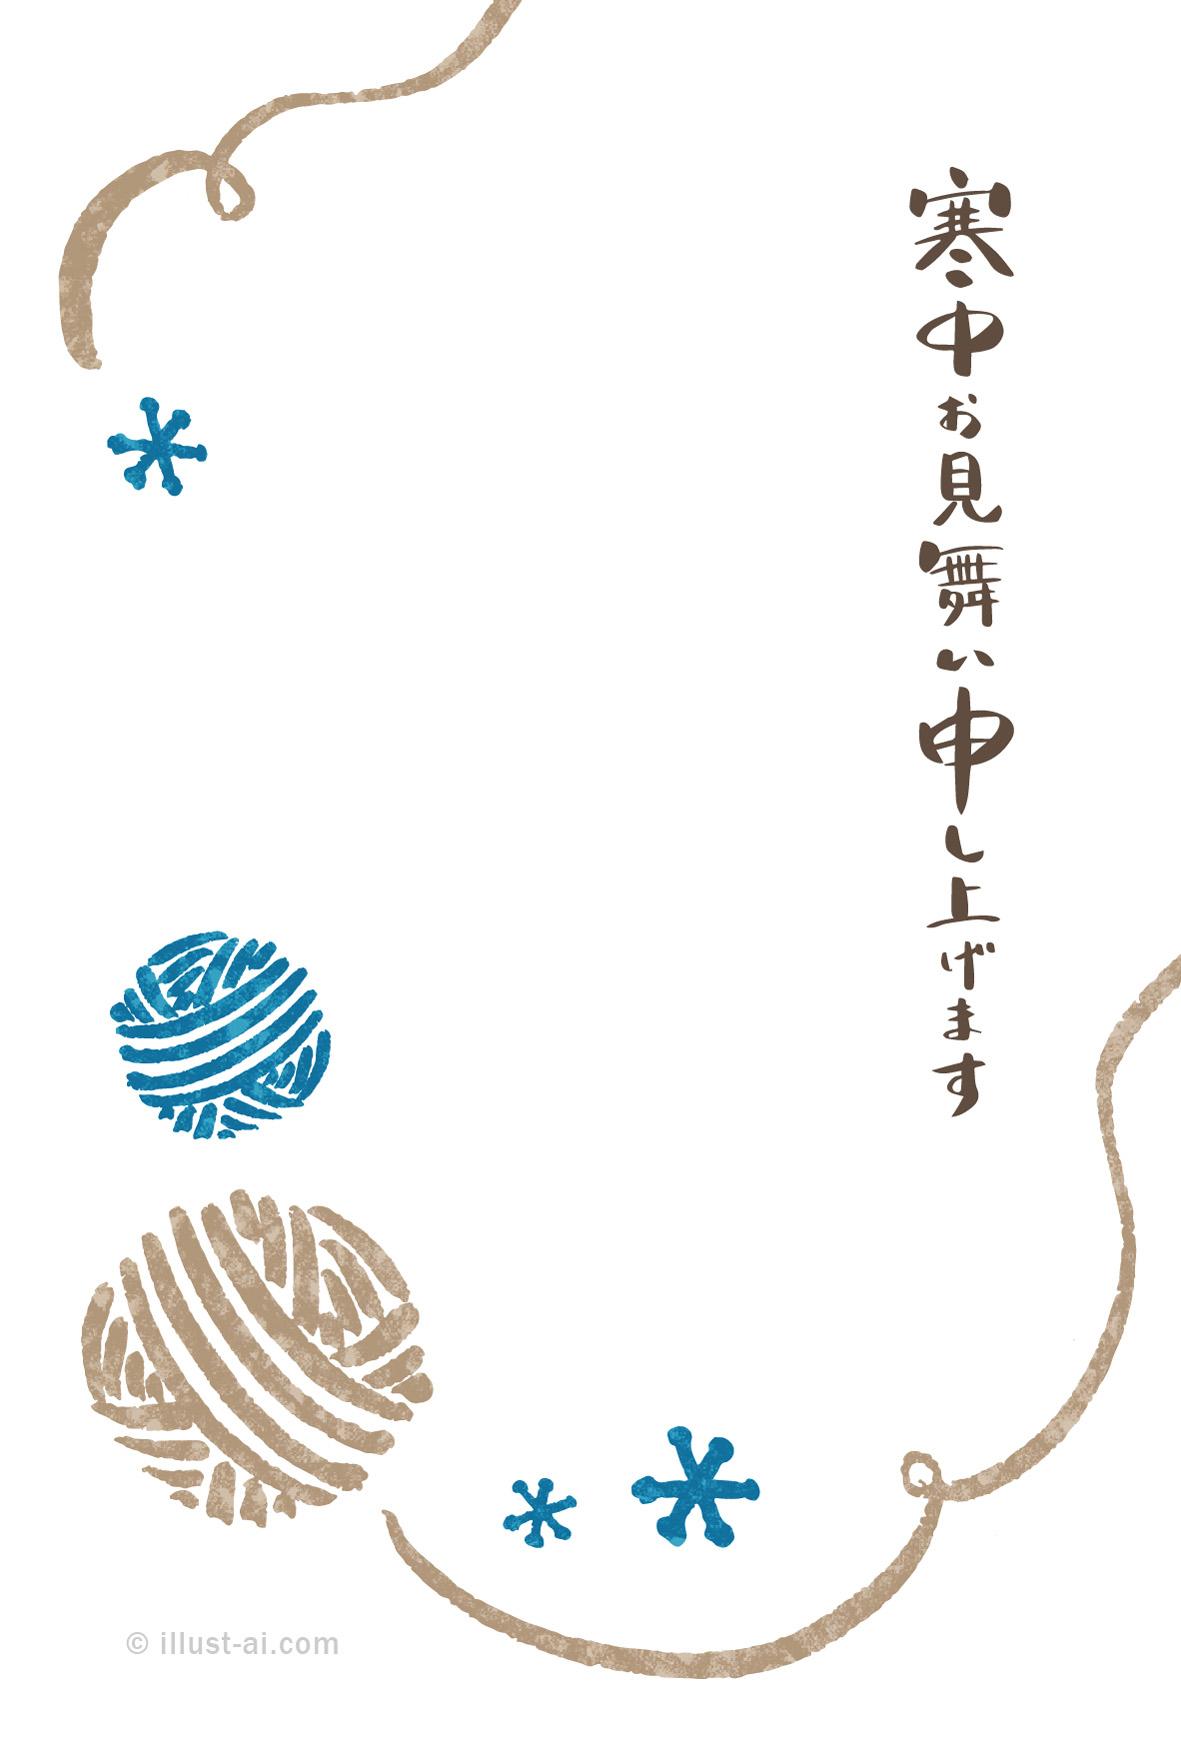 毛糸玉のアナログ風イラスト 寒中お見舞い2019 ポストカード